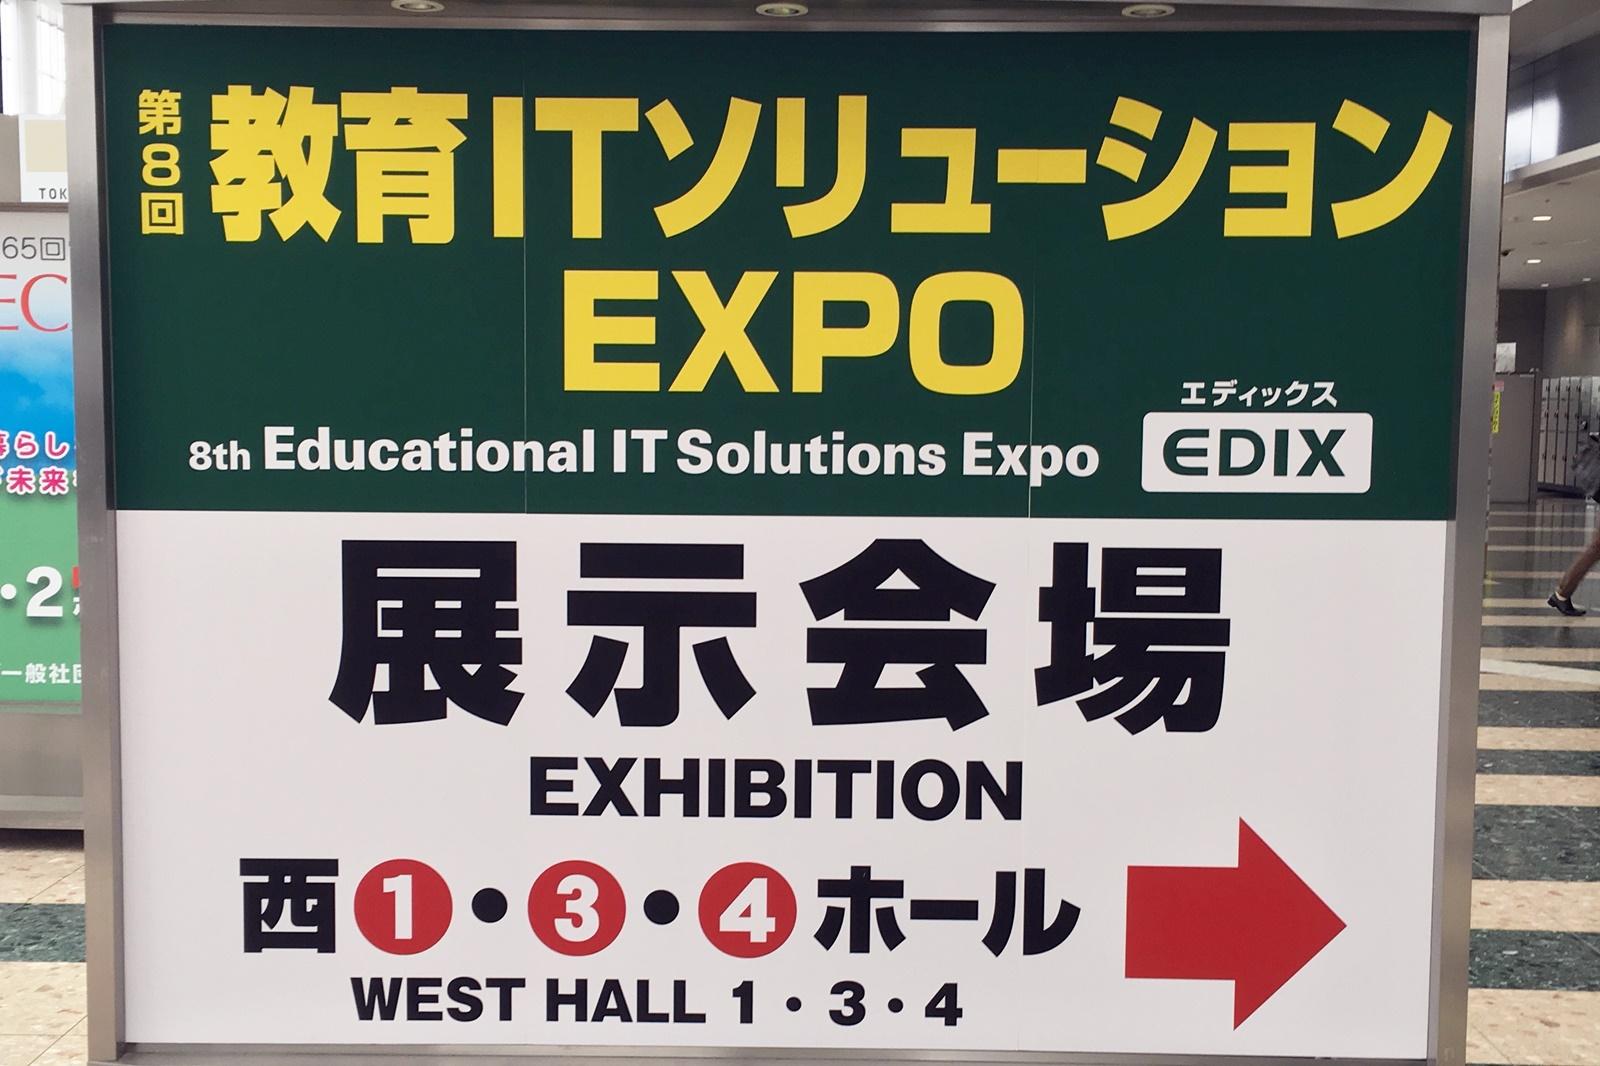 教育ITソリューションEXPO2017